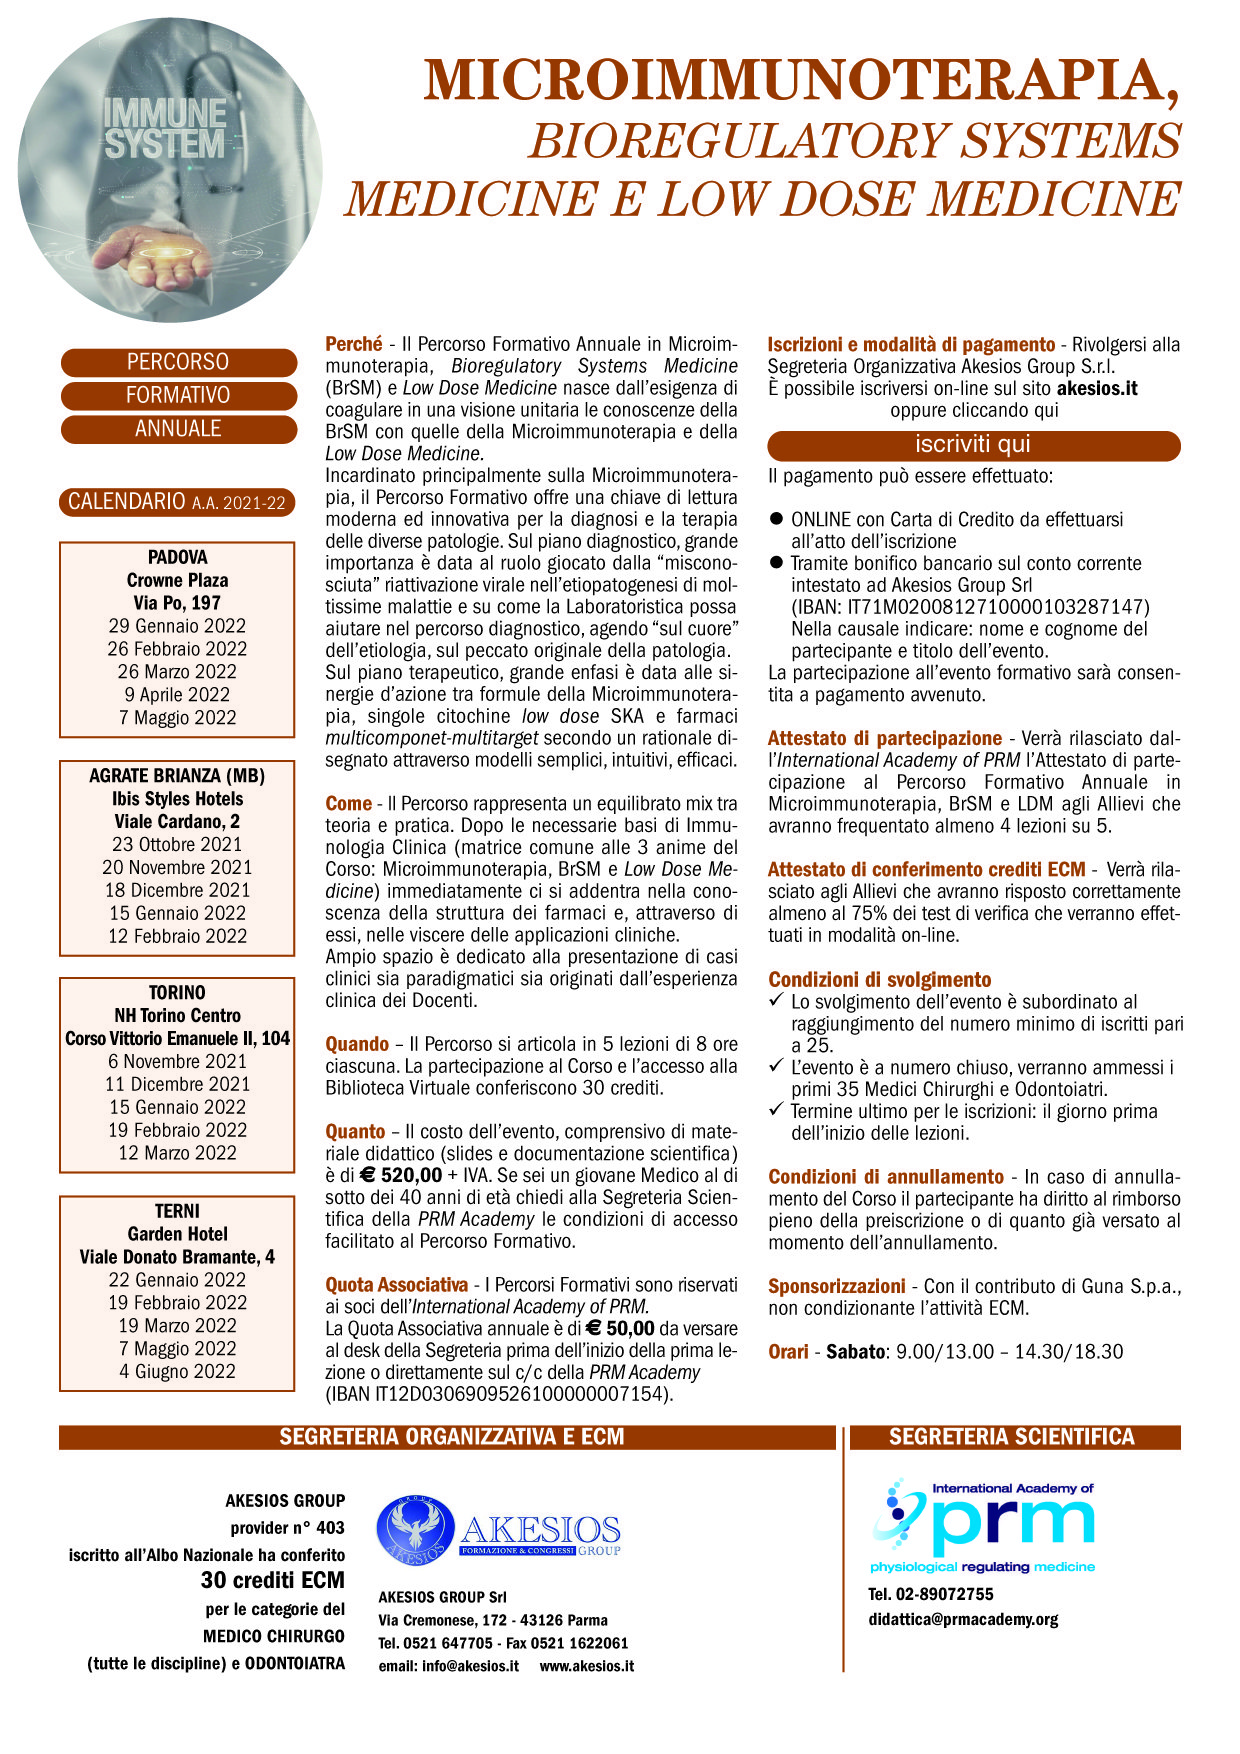 PERCORSO FORMATIVO ANNUALE IN MICROIMMUNOTERAPIA, BrSM E LOW DOSE MEDICINE